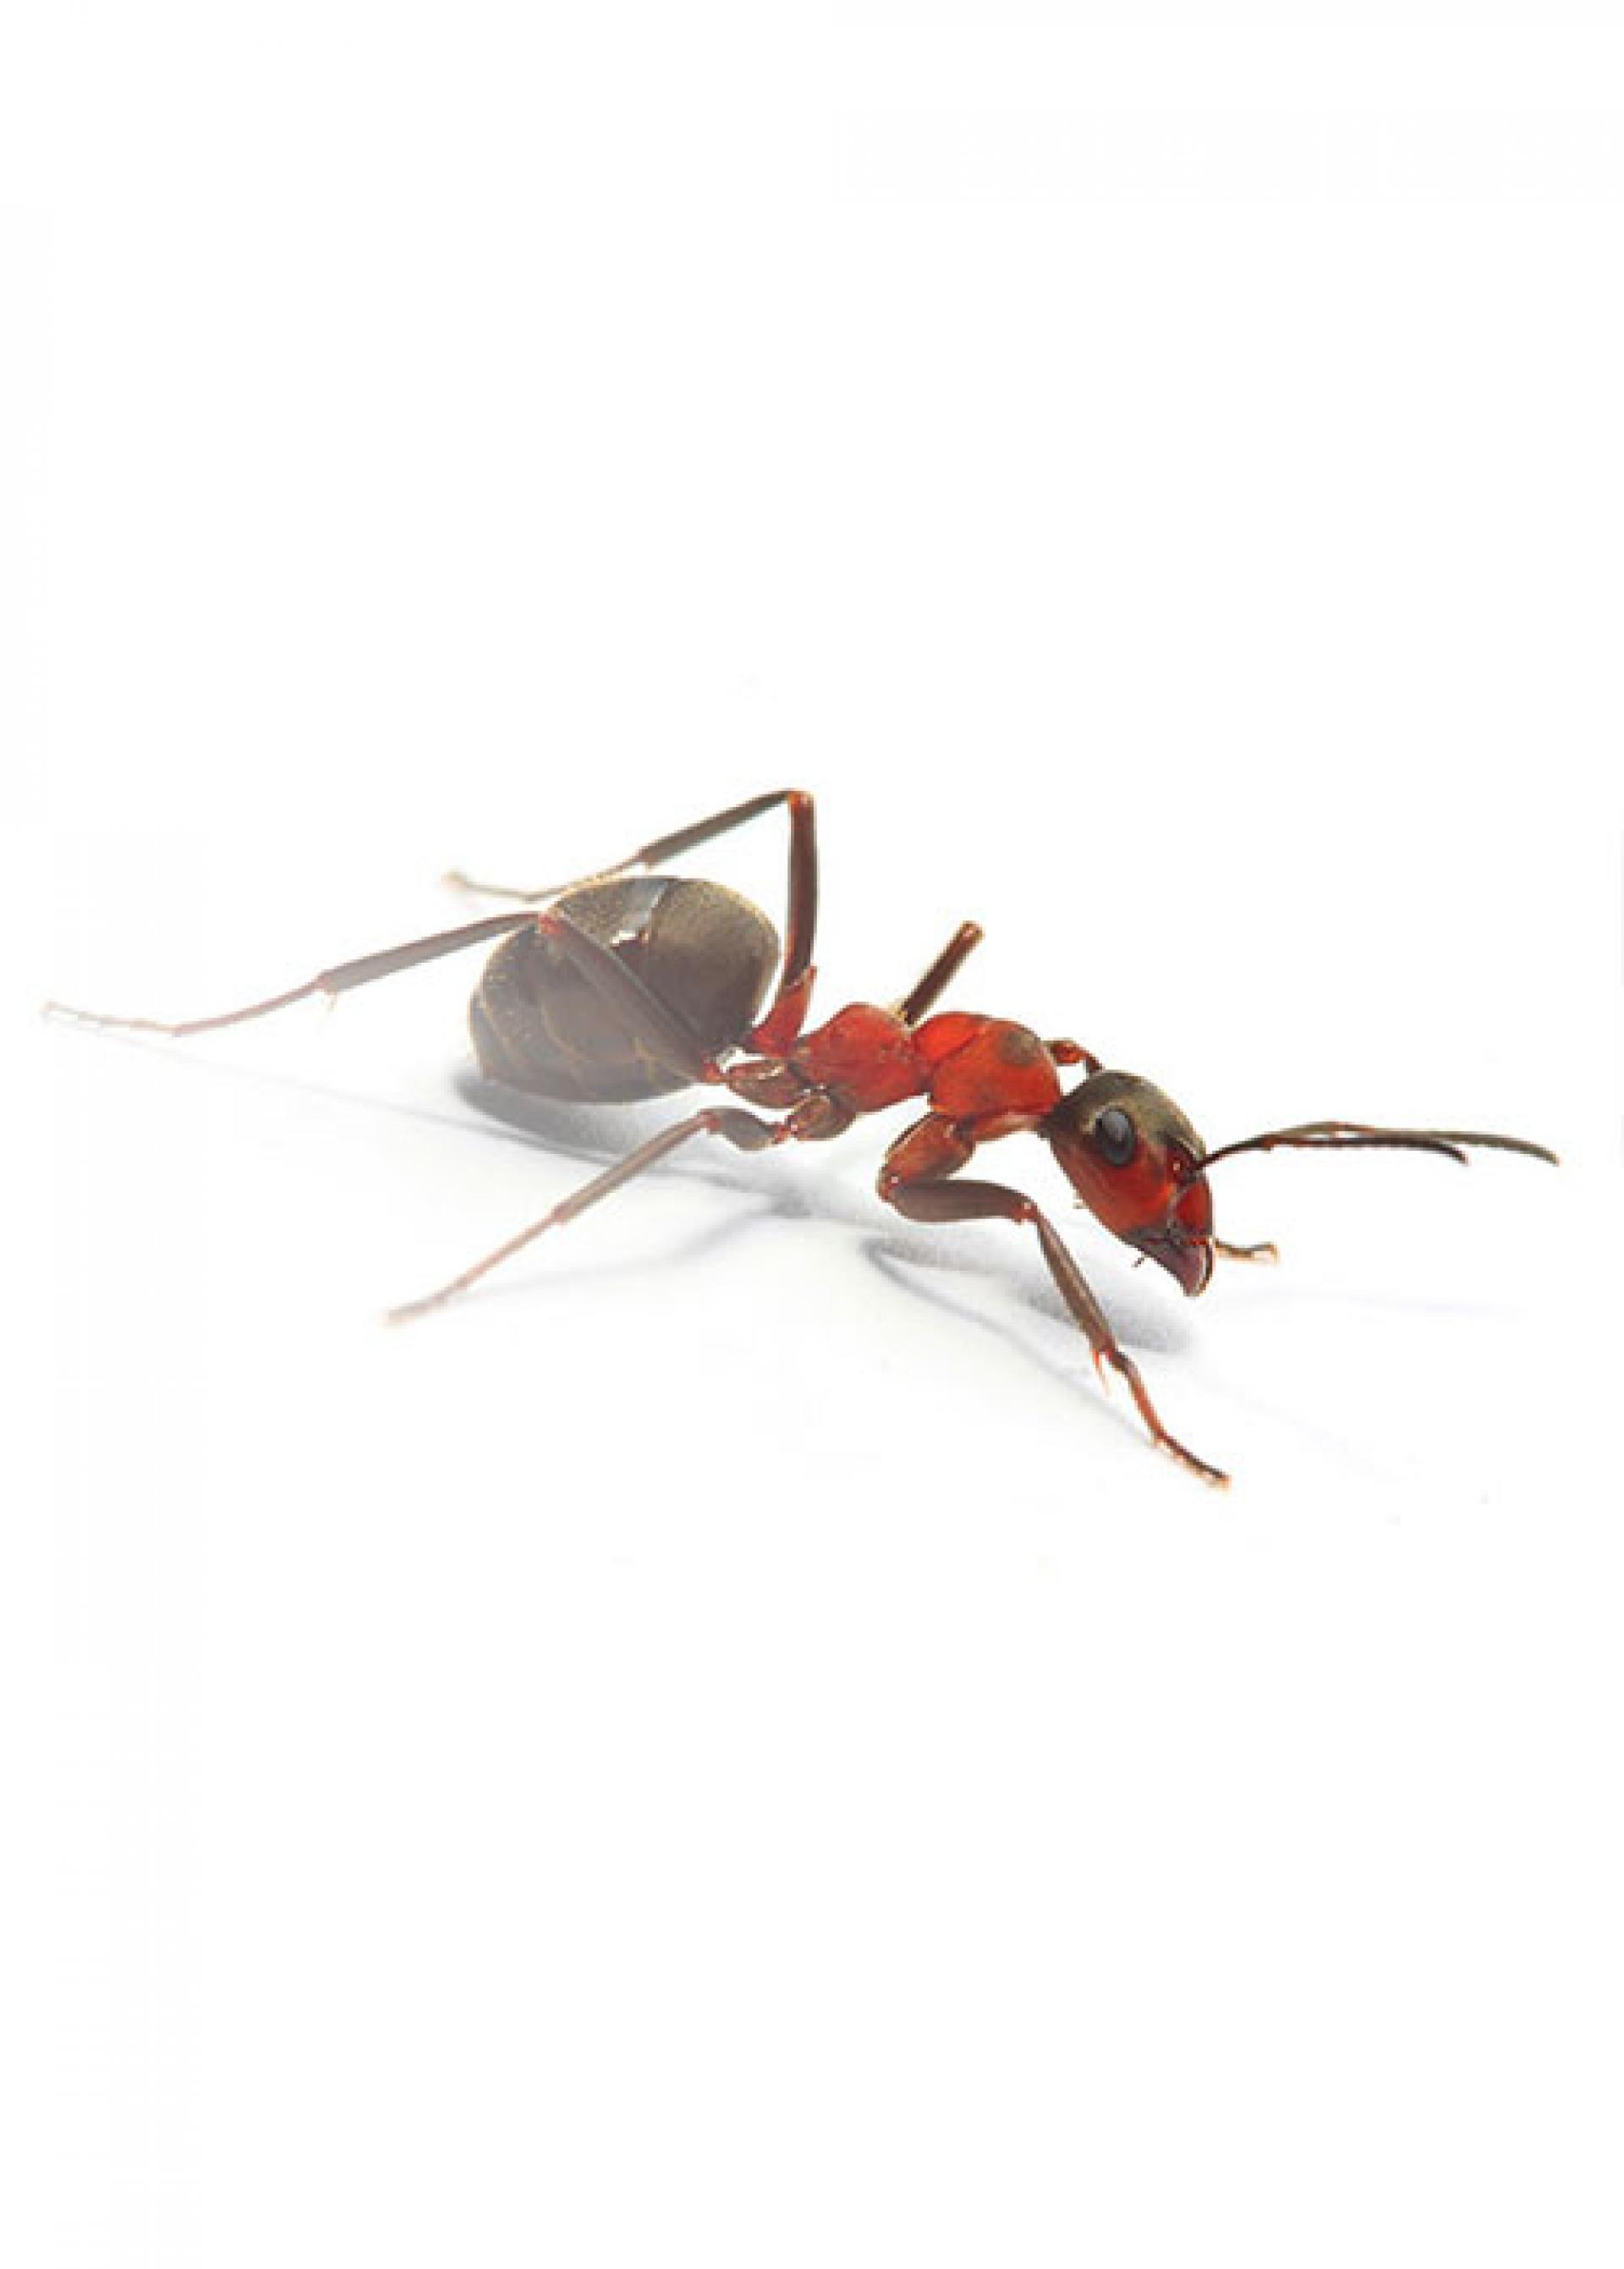 pests-img